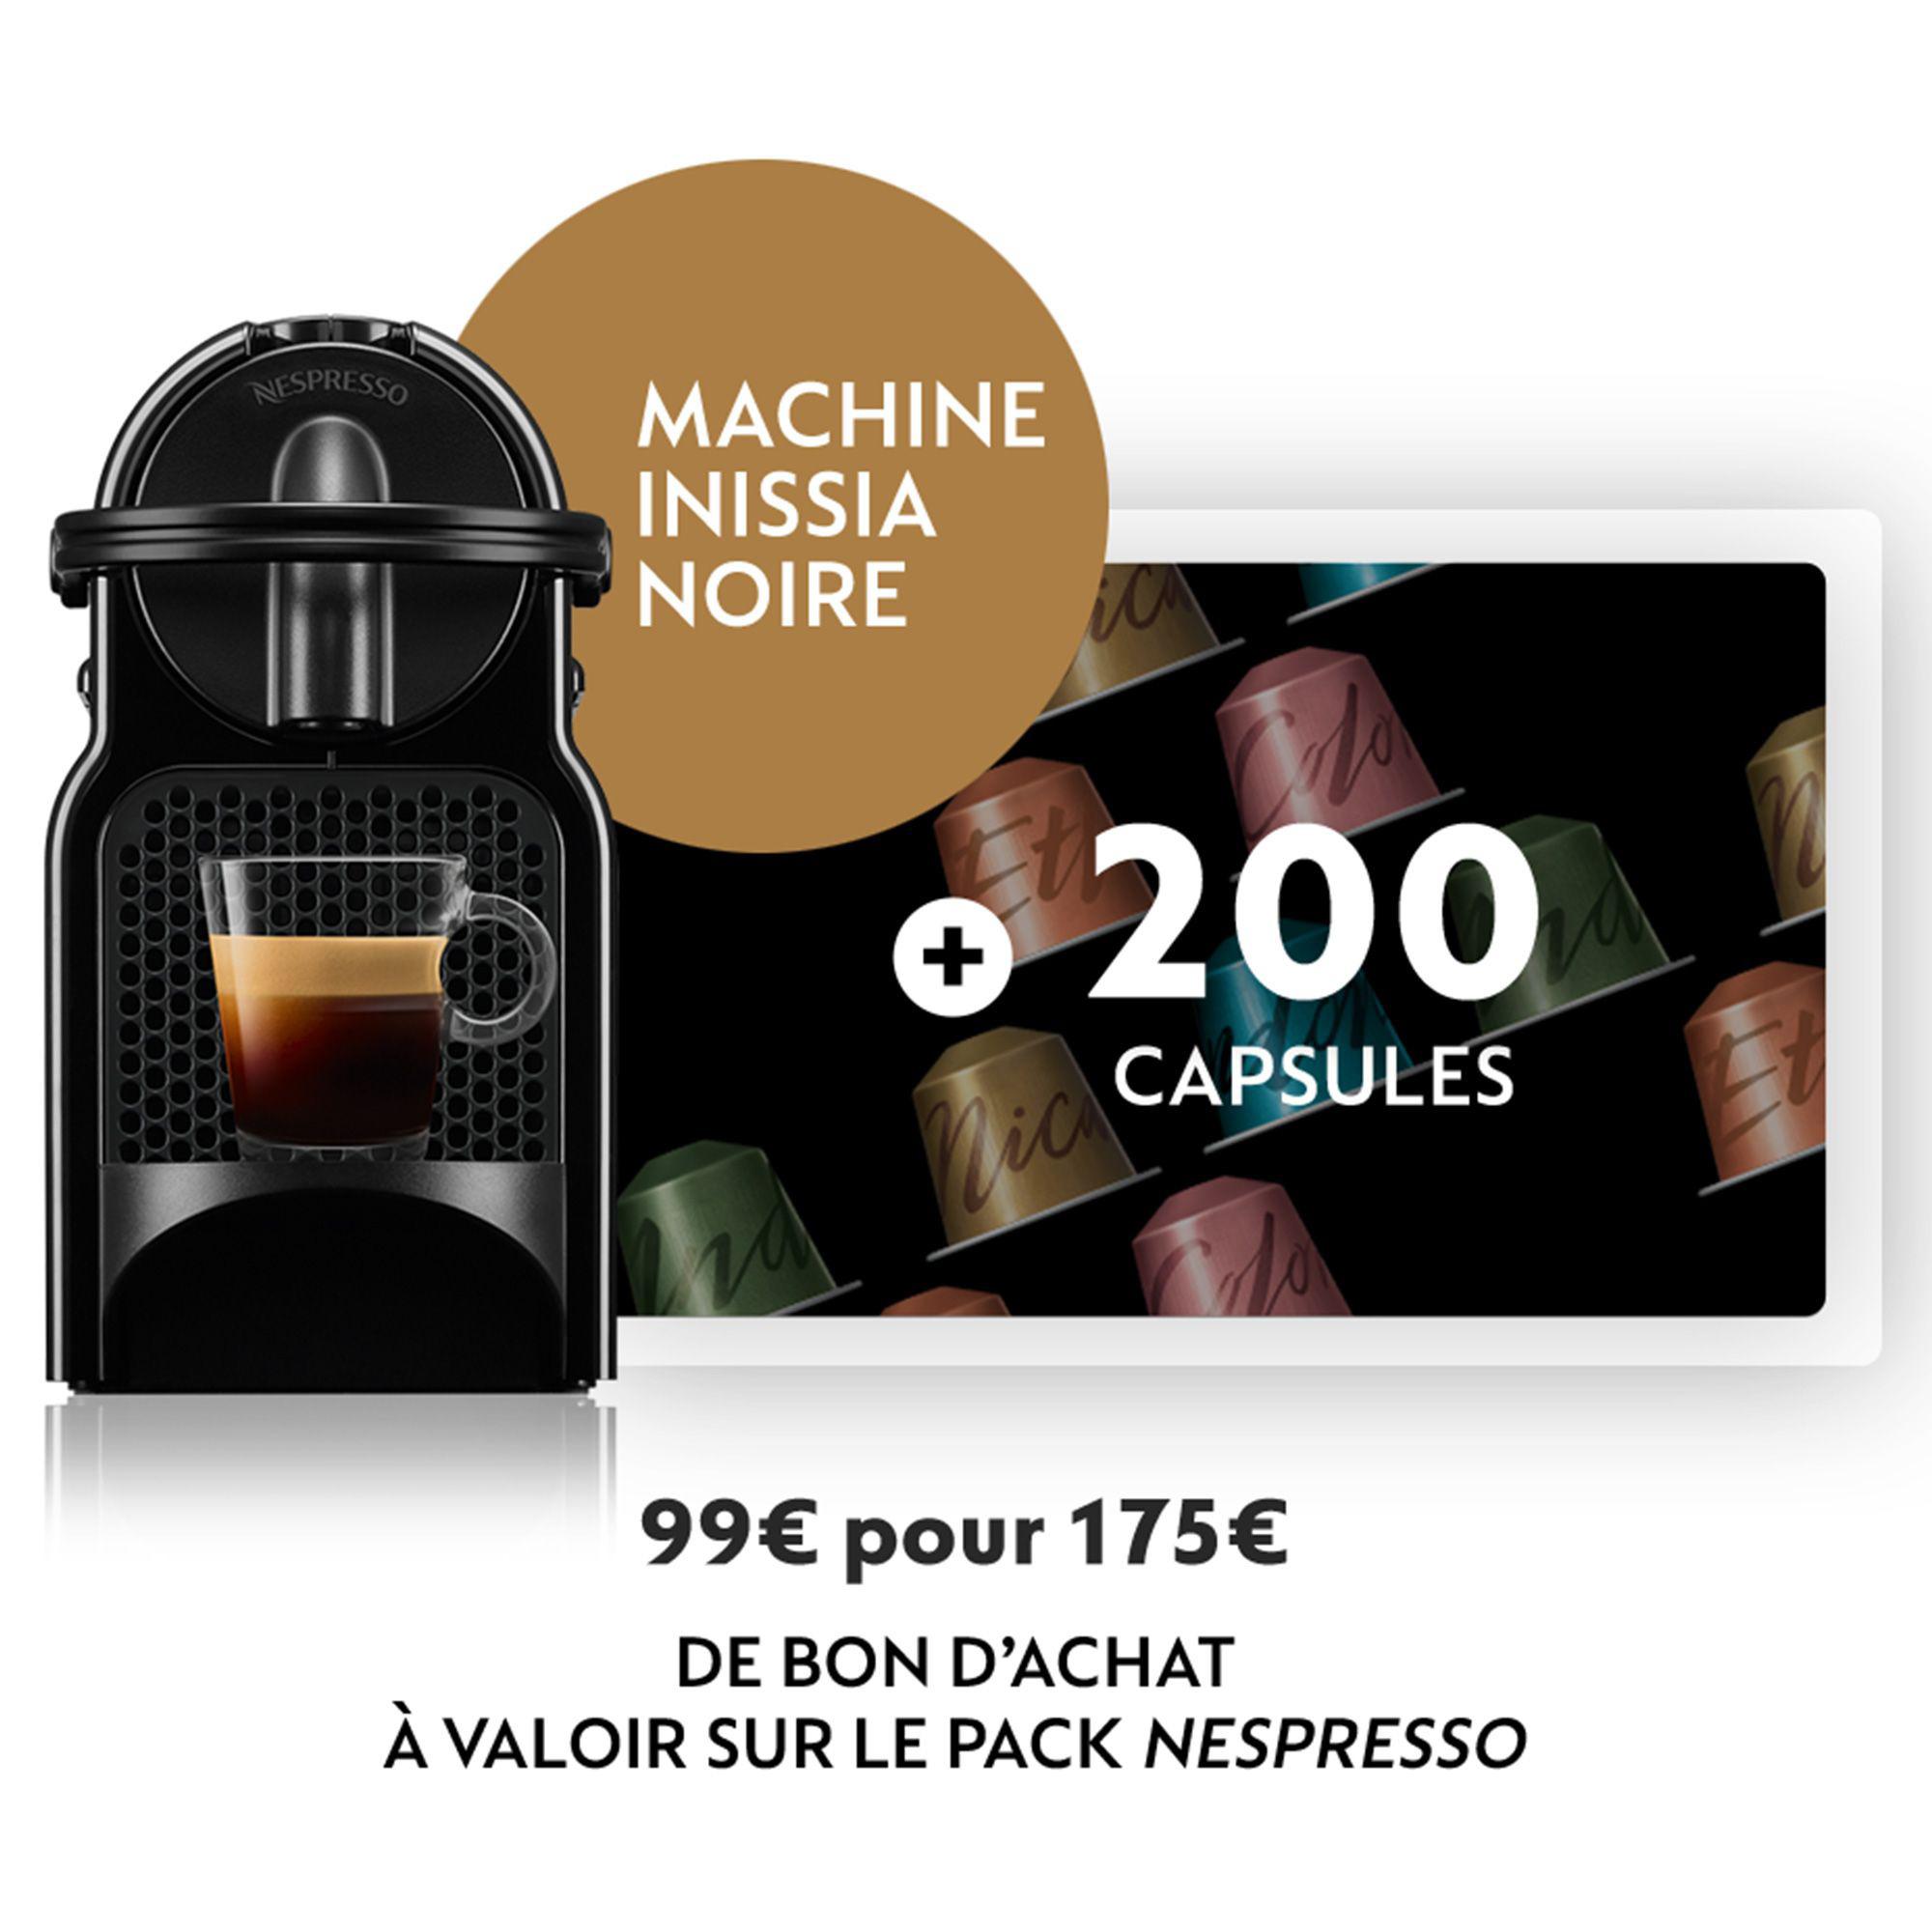 Bon d'achat pour un Pack Cafetière à Dosettes Krups Nespresso Inissia + 200 Capsules Original